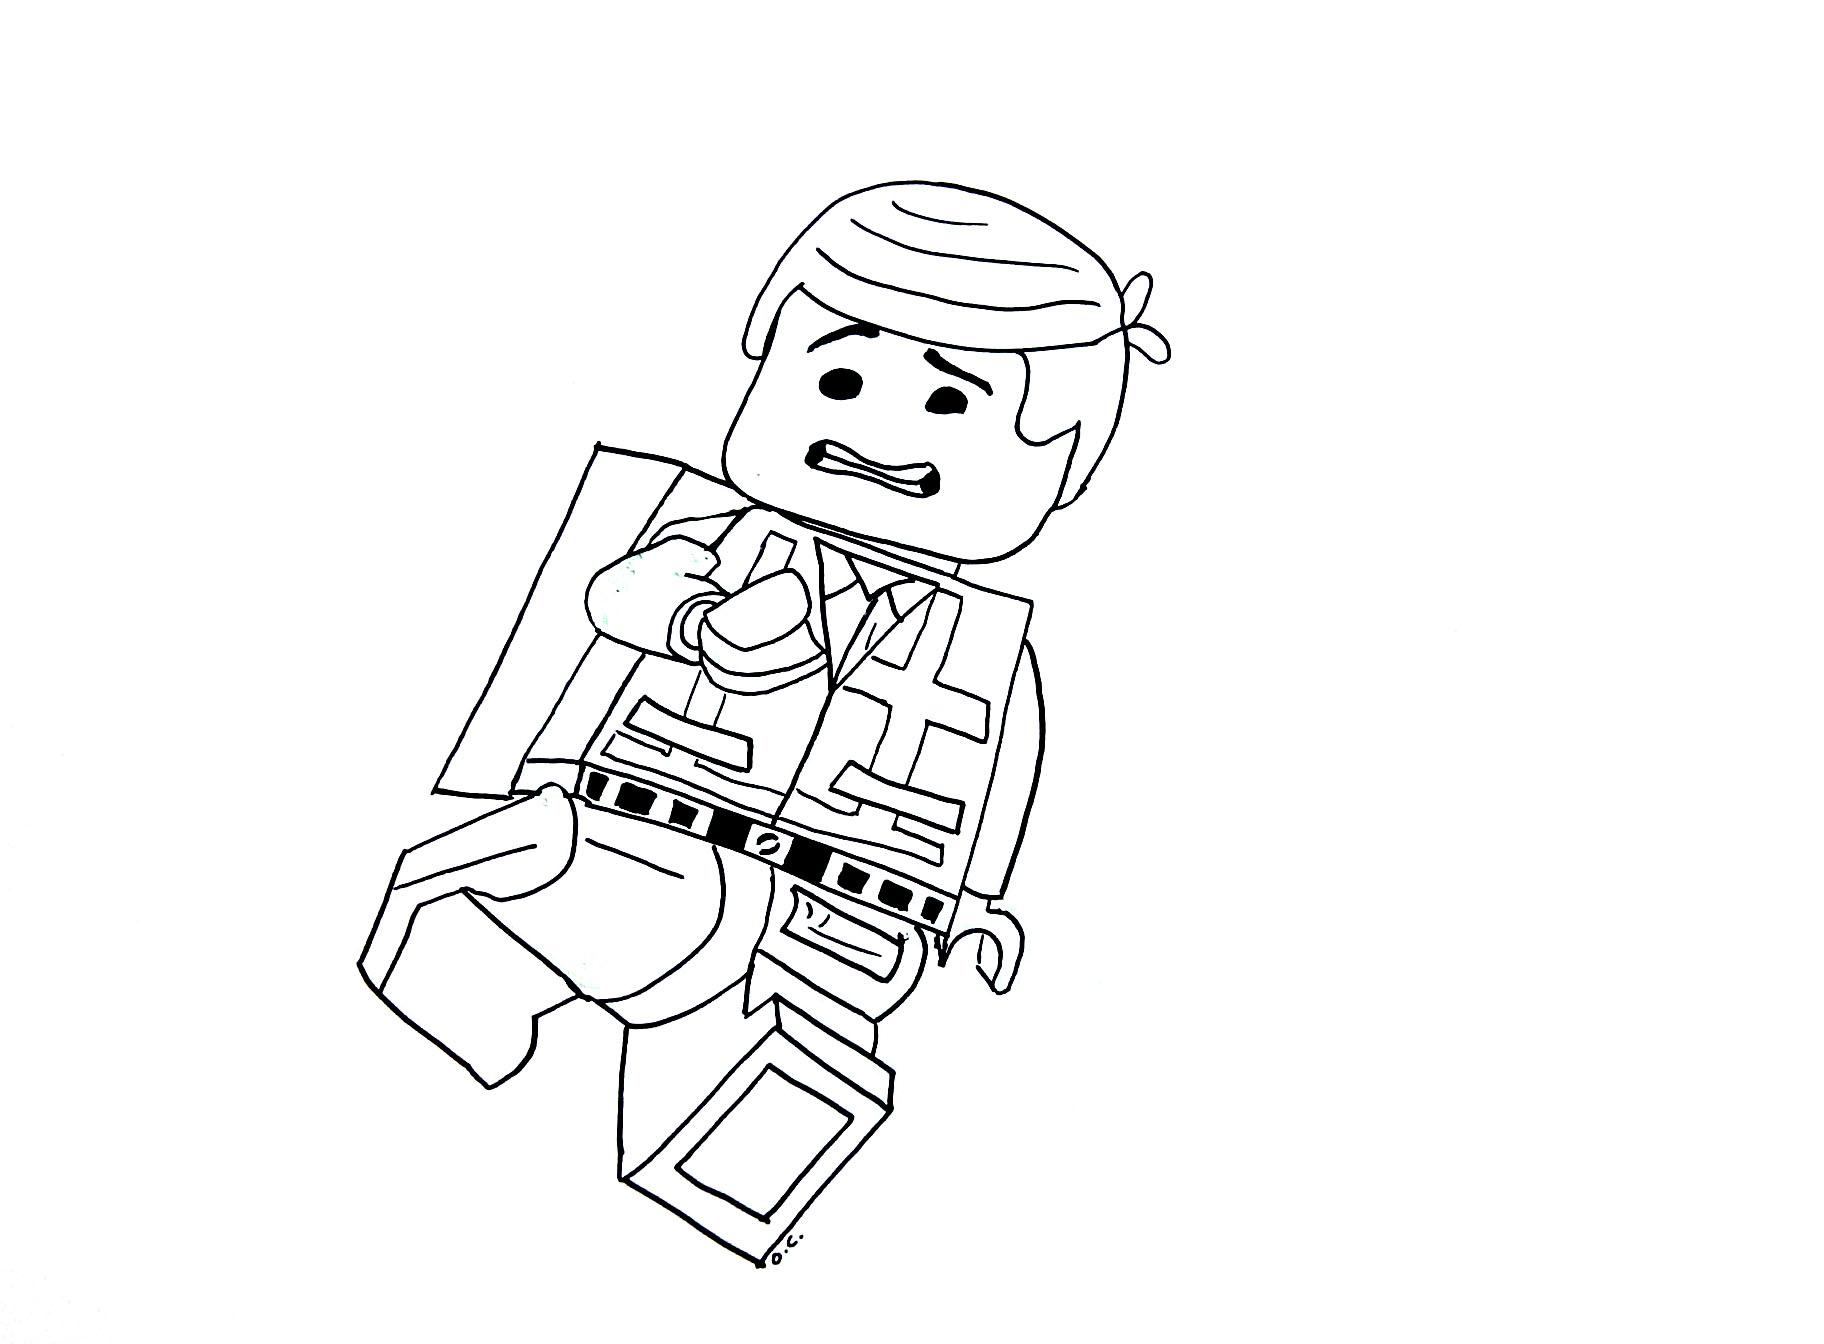 3 dessins de coloriage lego imprimer - Dessin de ninjago a imprimer ...